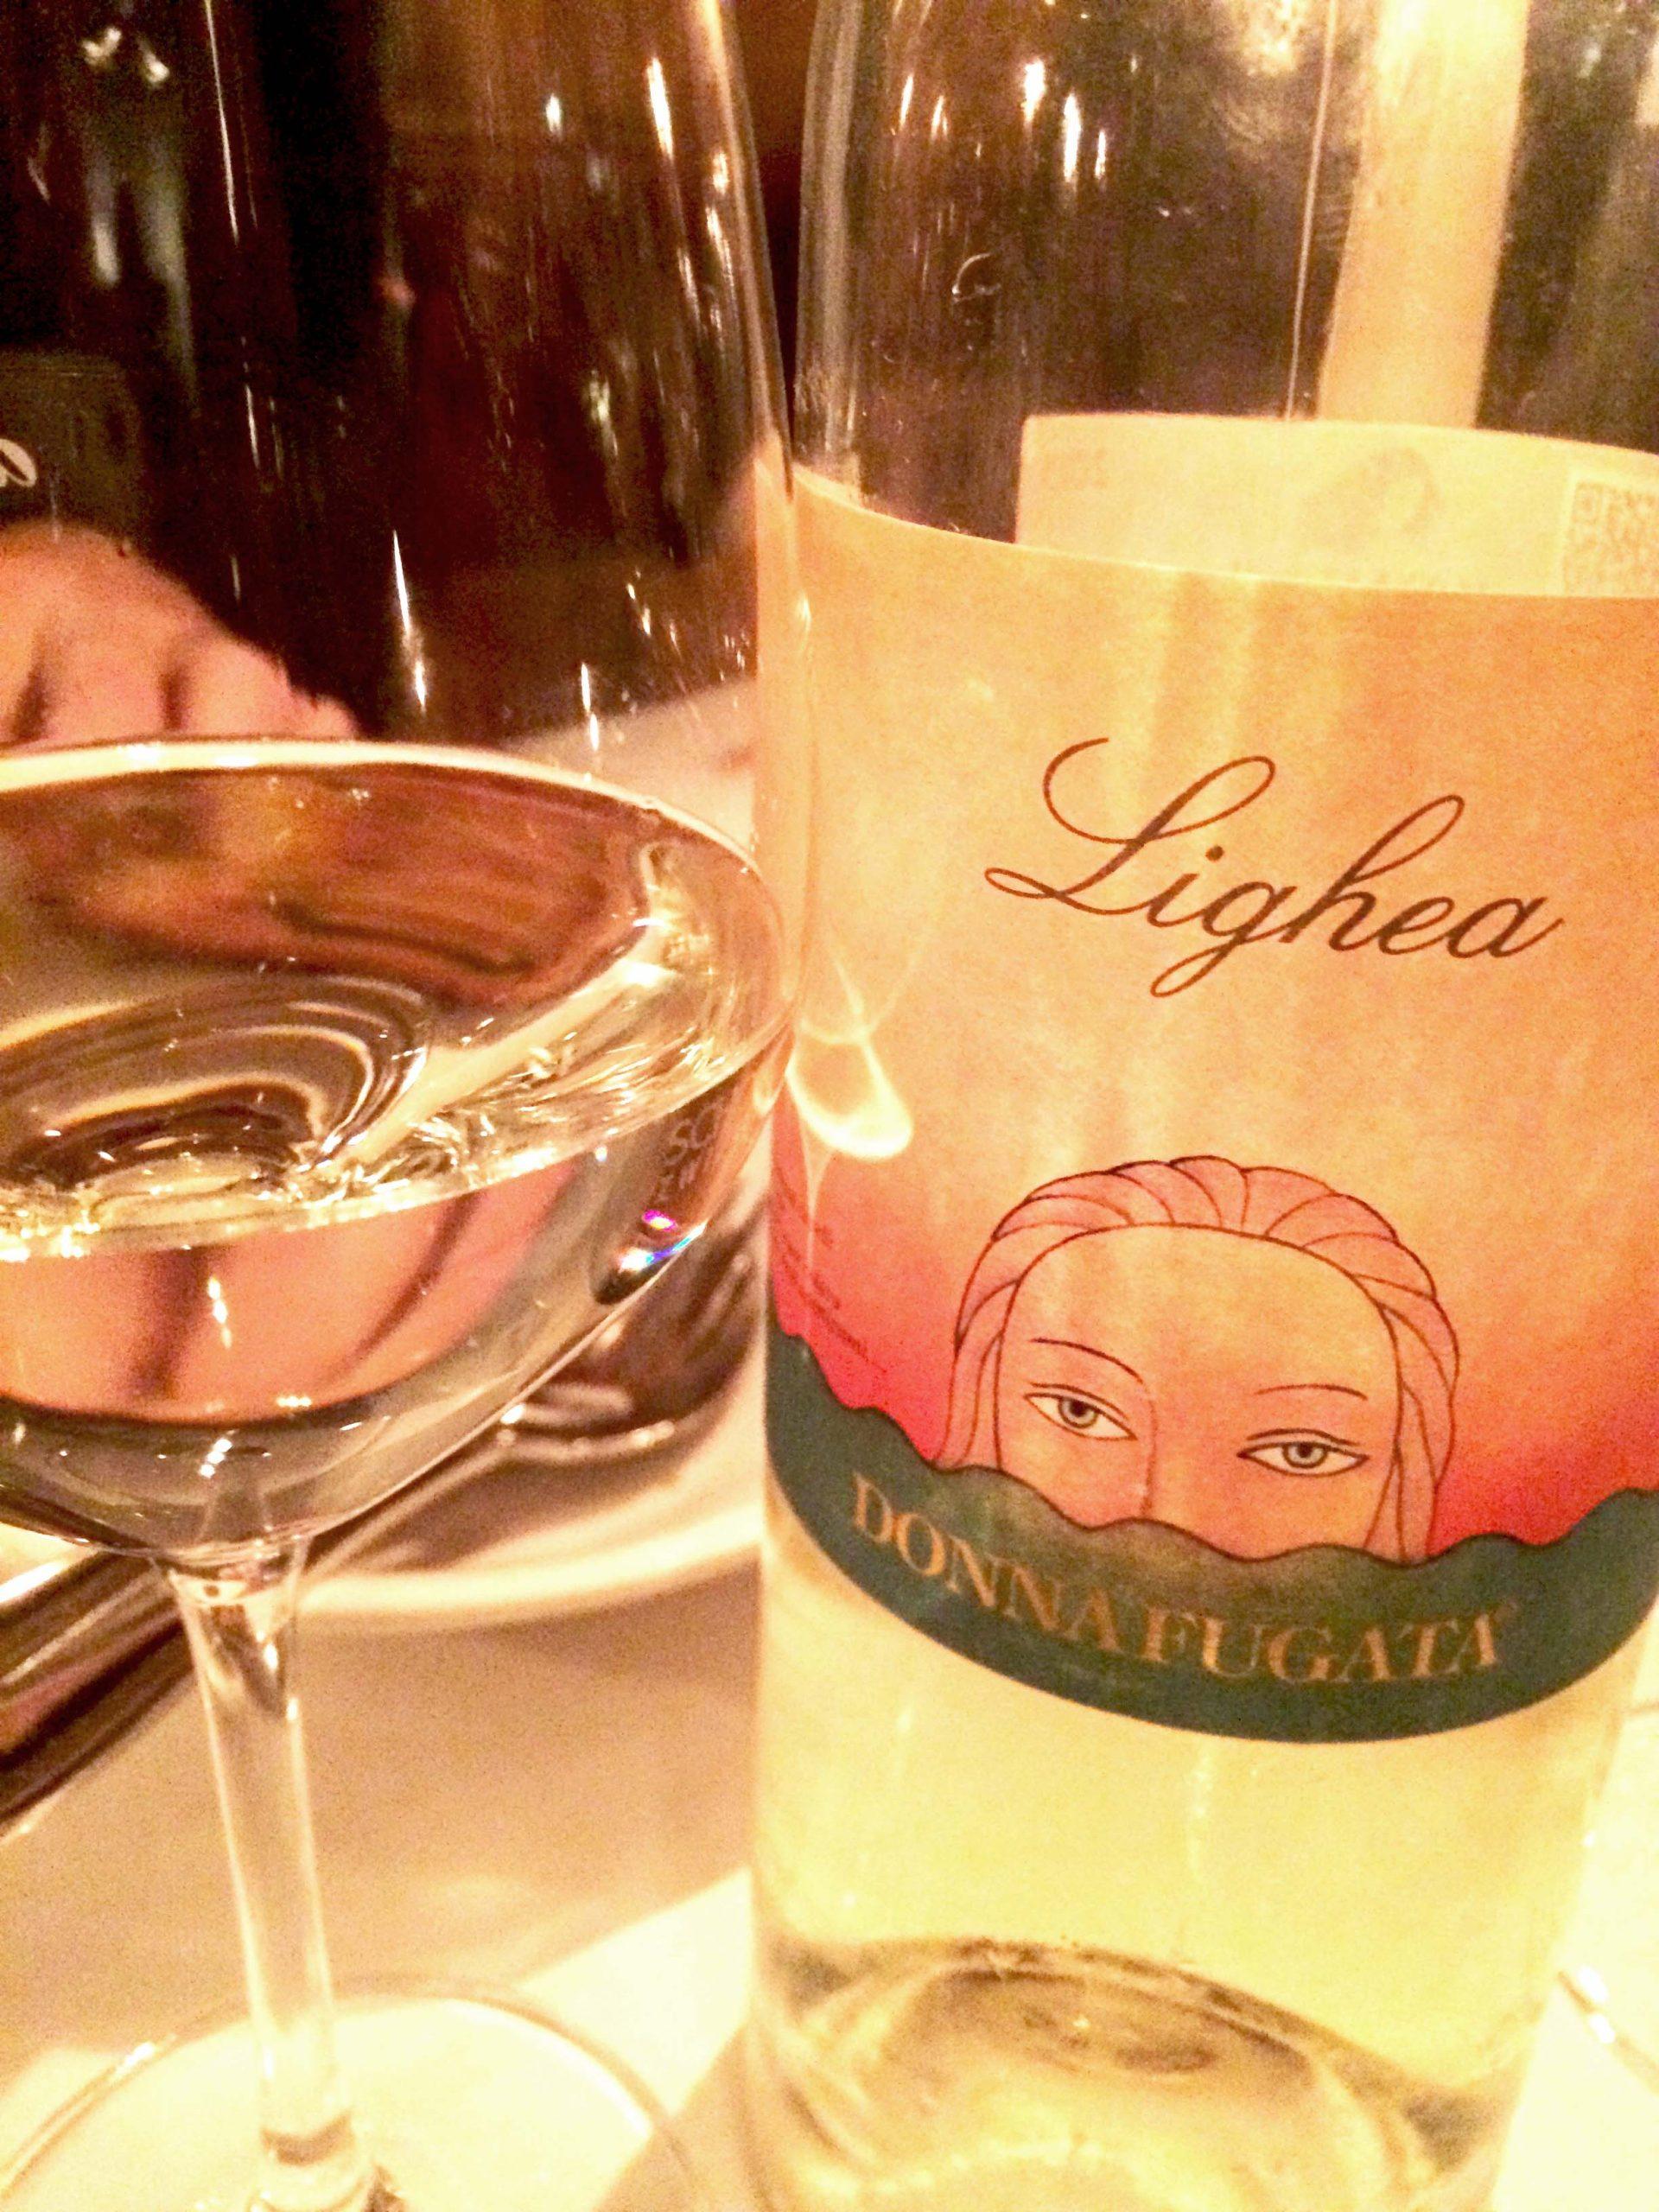 In der Osteria Italiana mit Donna Fugata